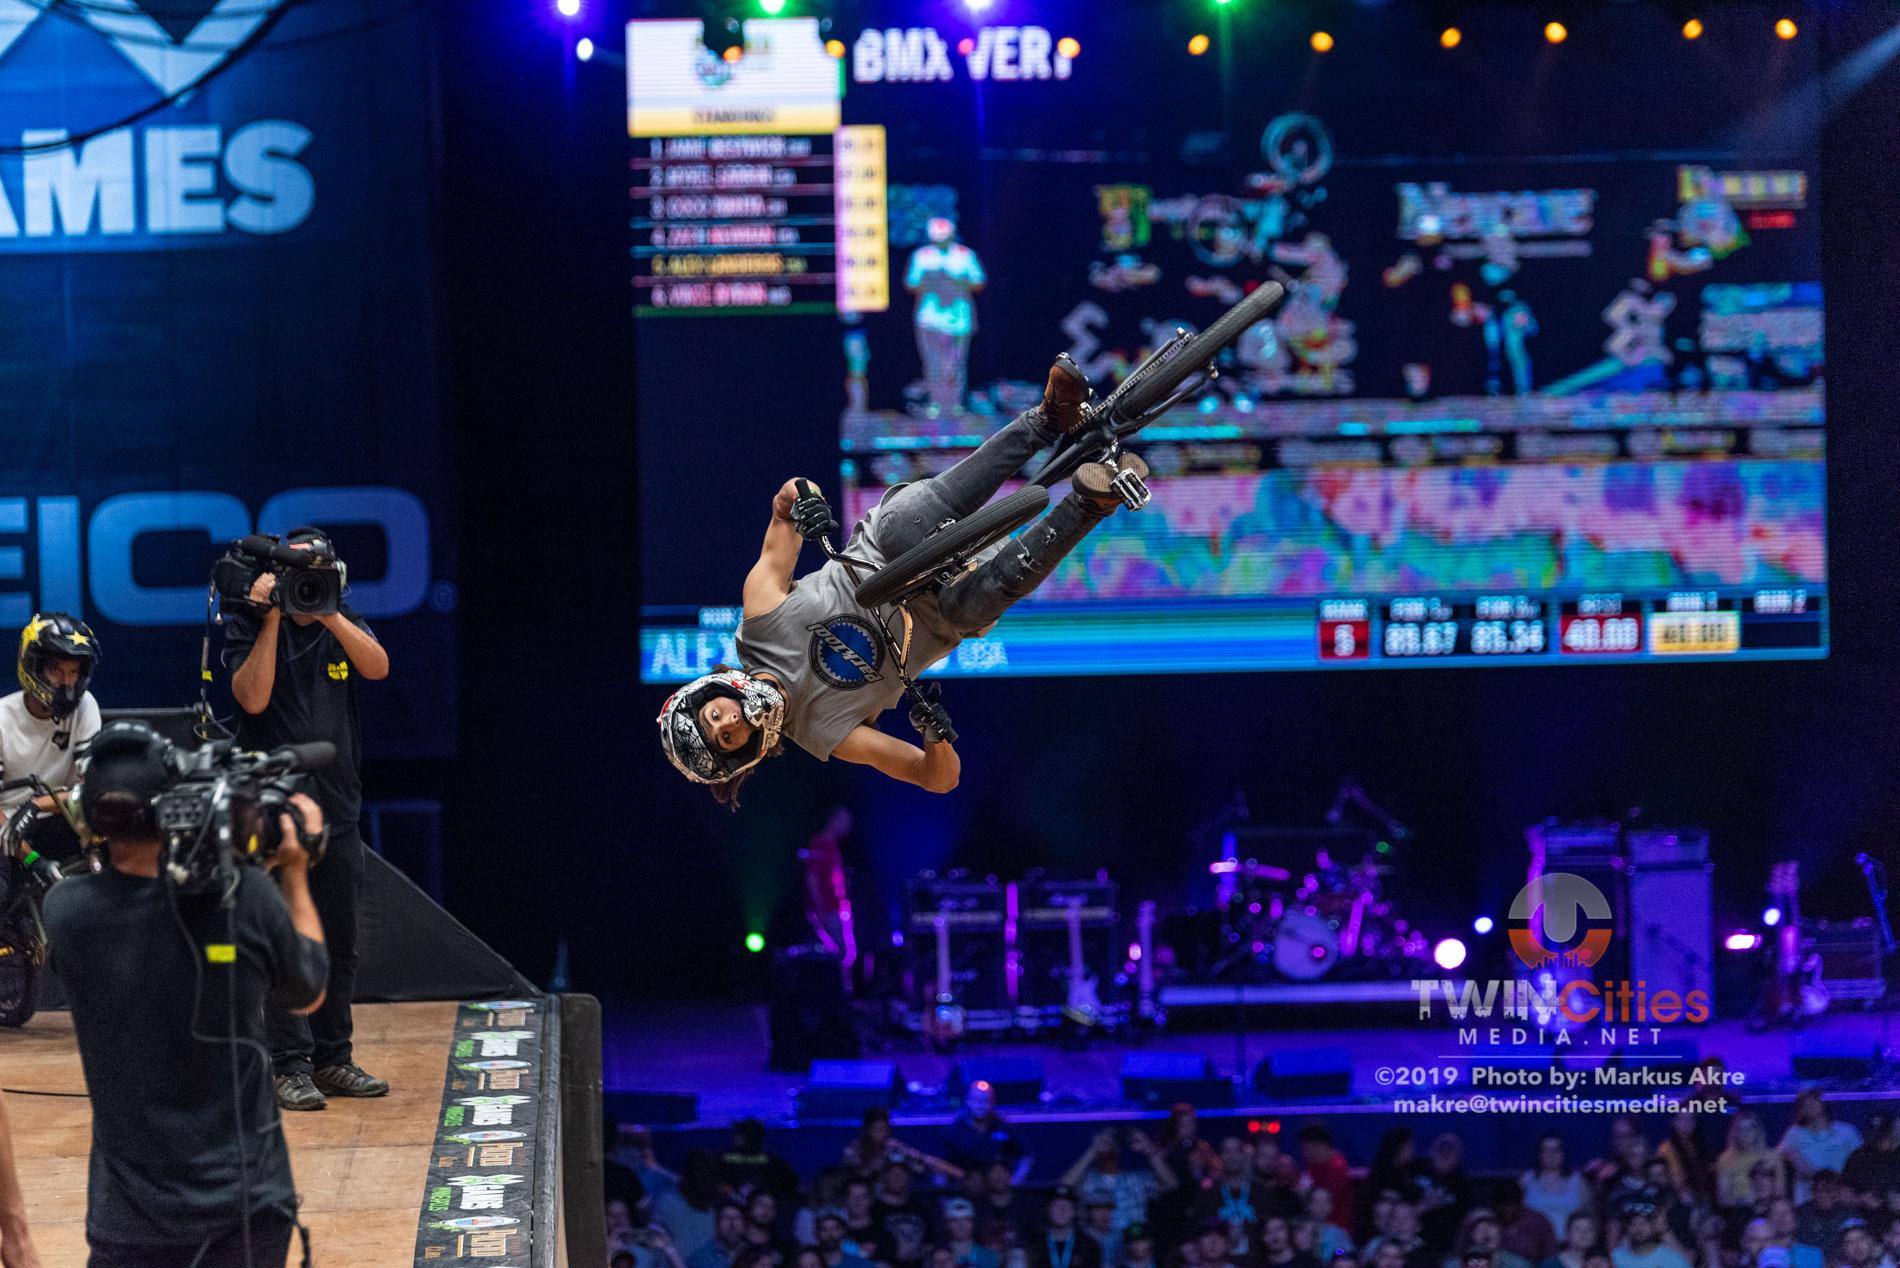 2019-X-Games-Day-1-BMX-Vert-8